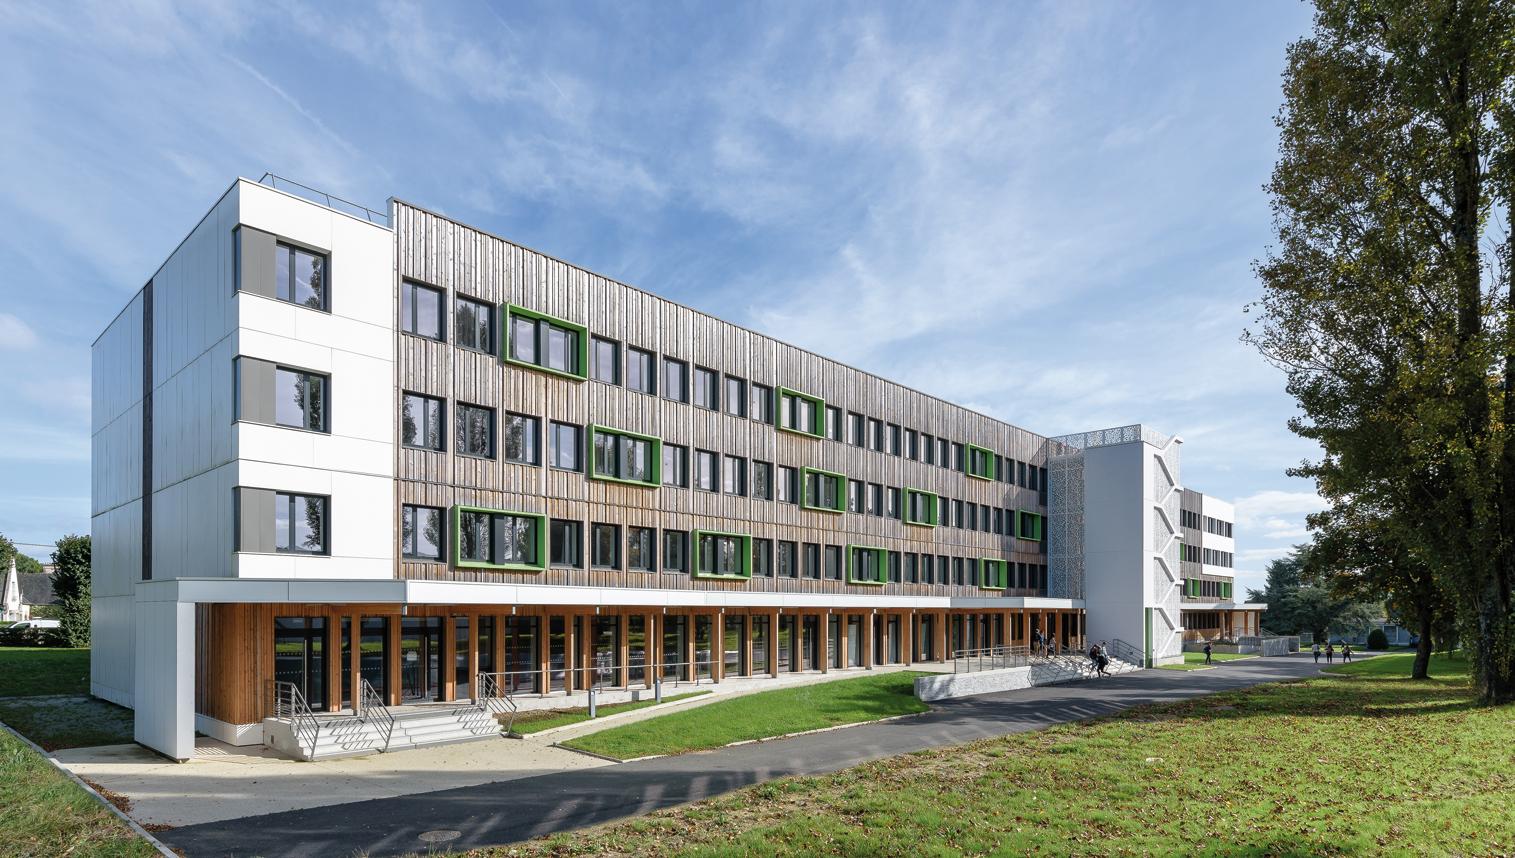 Modernisation et rénovation thermique de l'internat du lycée Fulgence-Bienvenüe à Loudeac (22) ; architecte : Armel Pellerin.